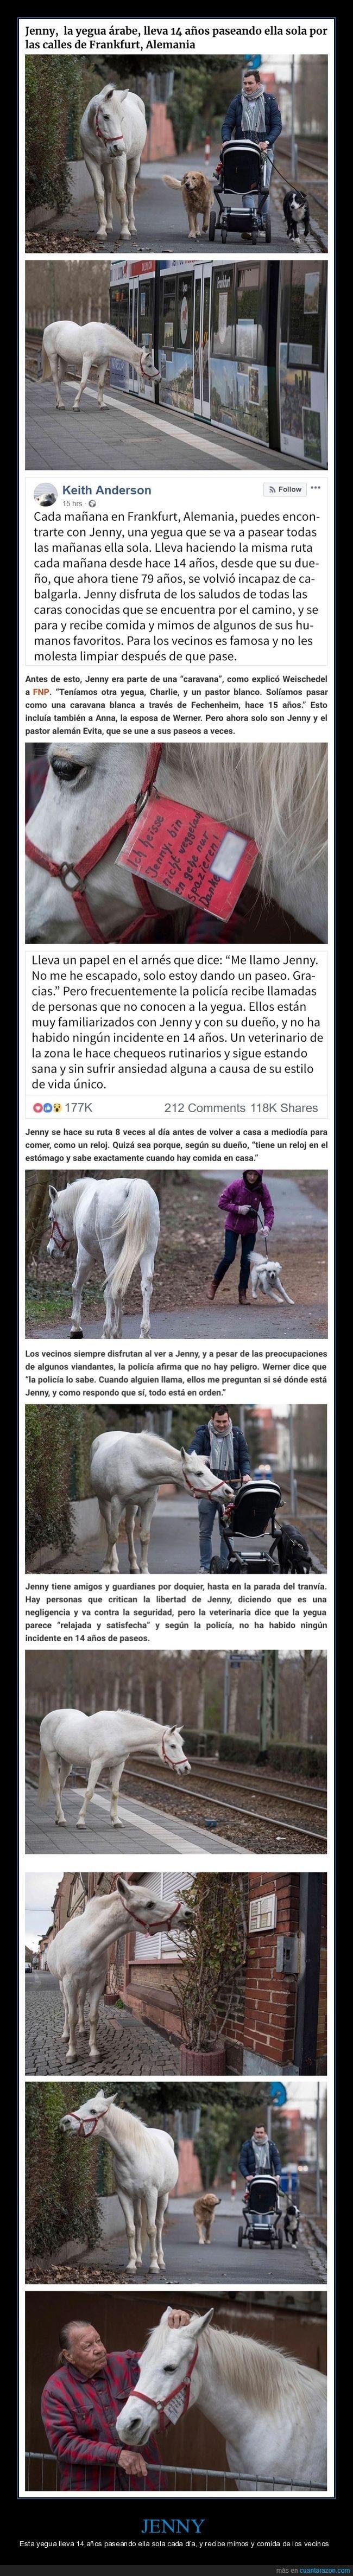 caballo,pasear,sola,vecinos,yegua